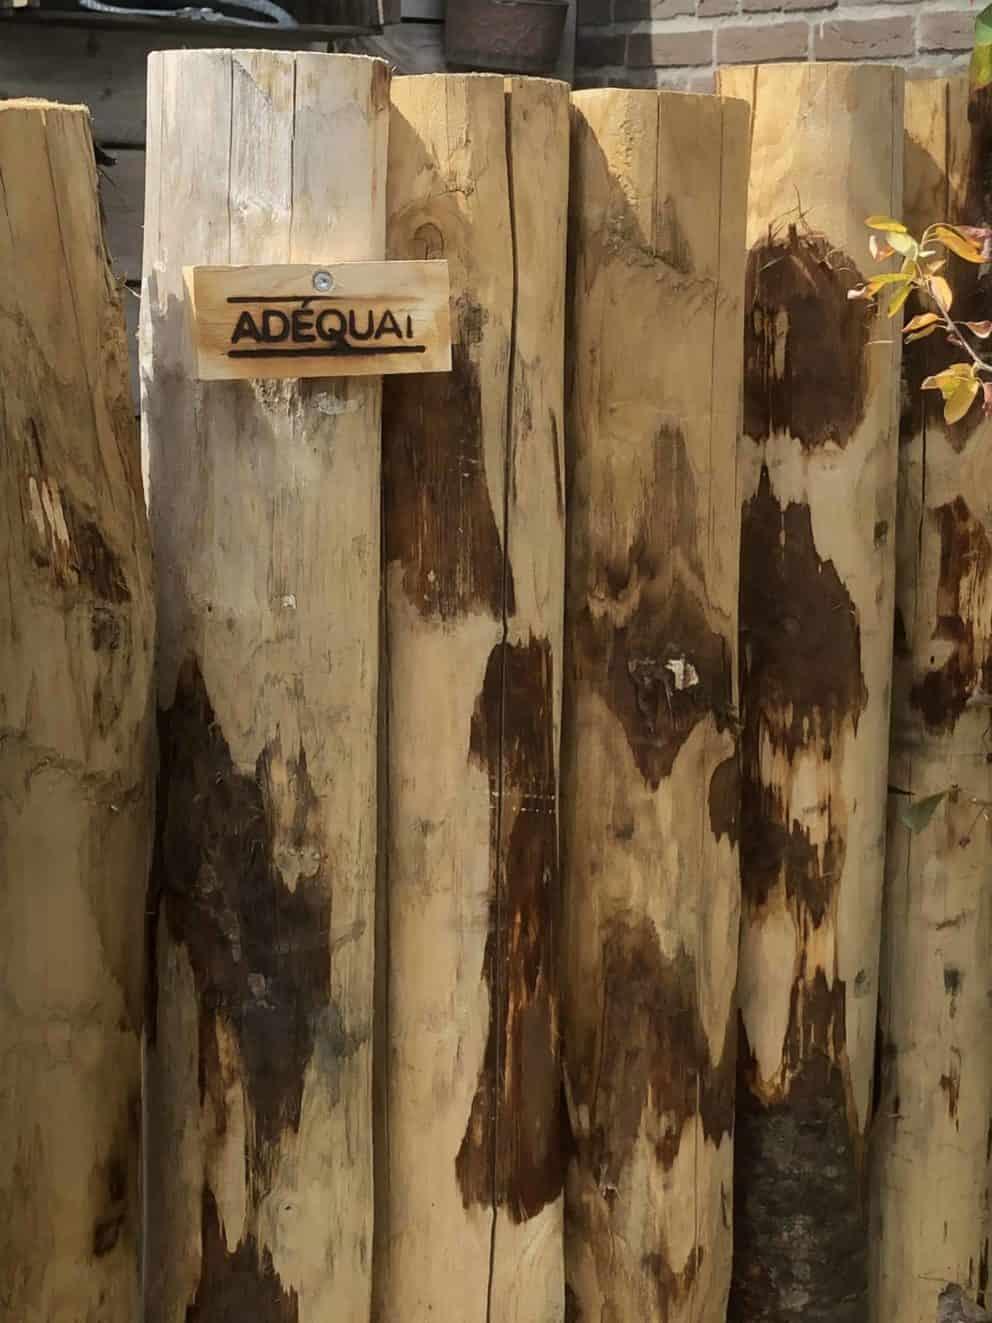 kastanjehouten palen 10-12 cm